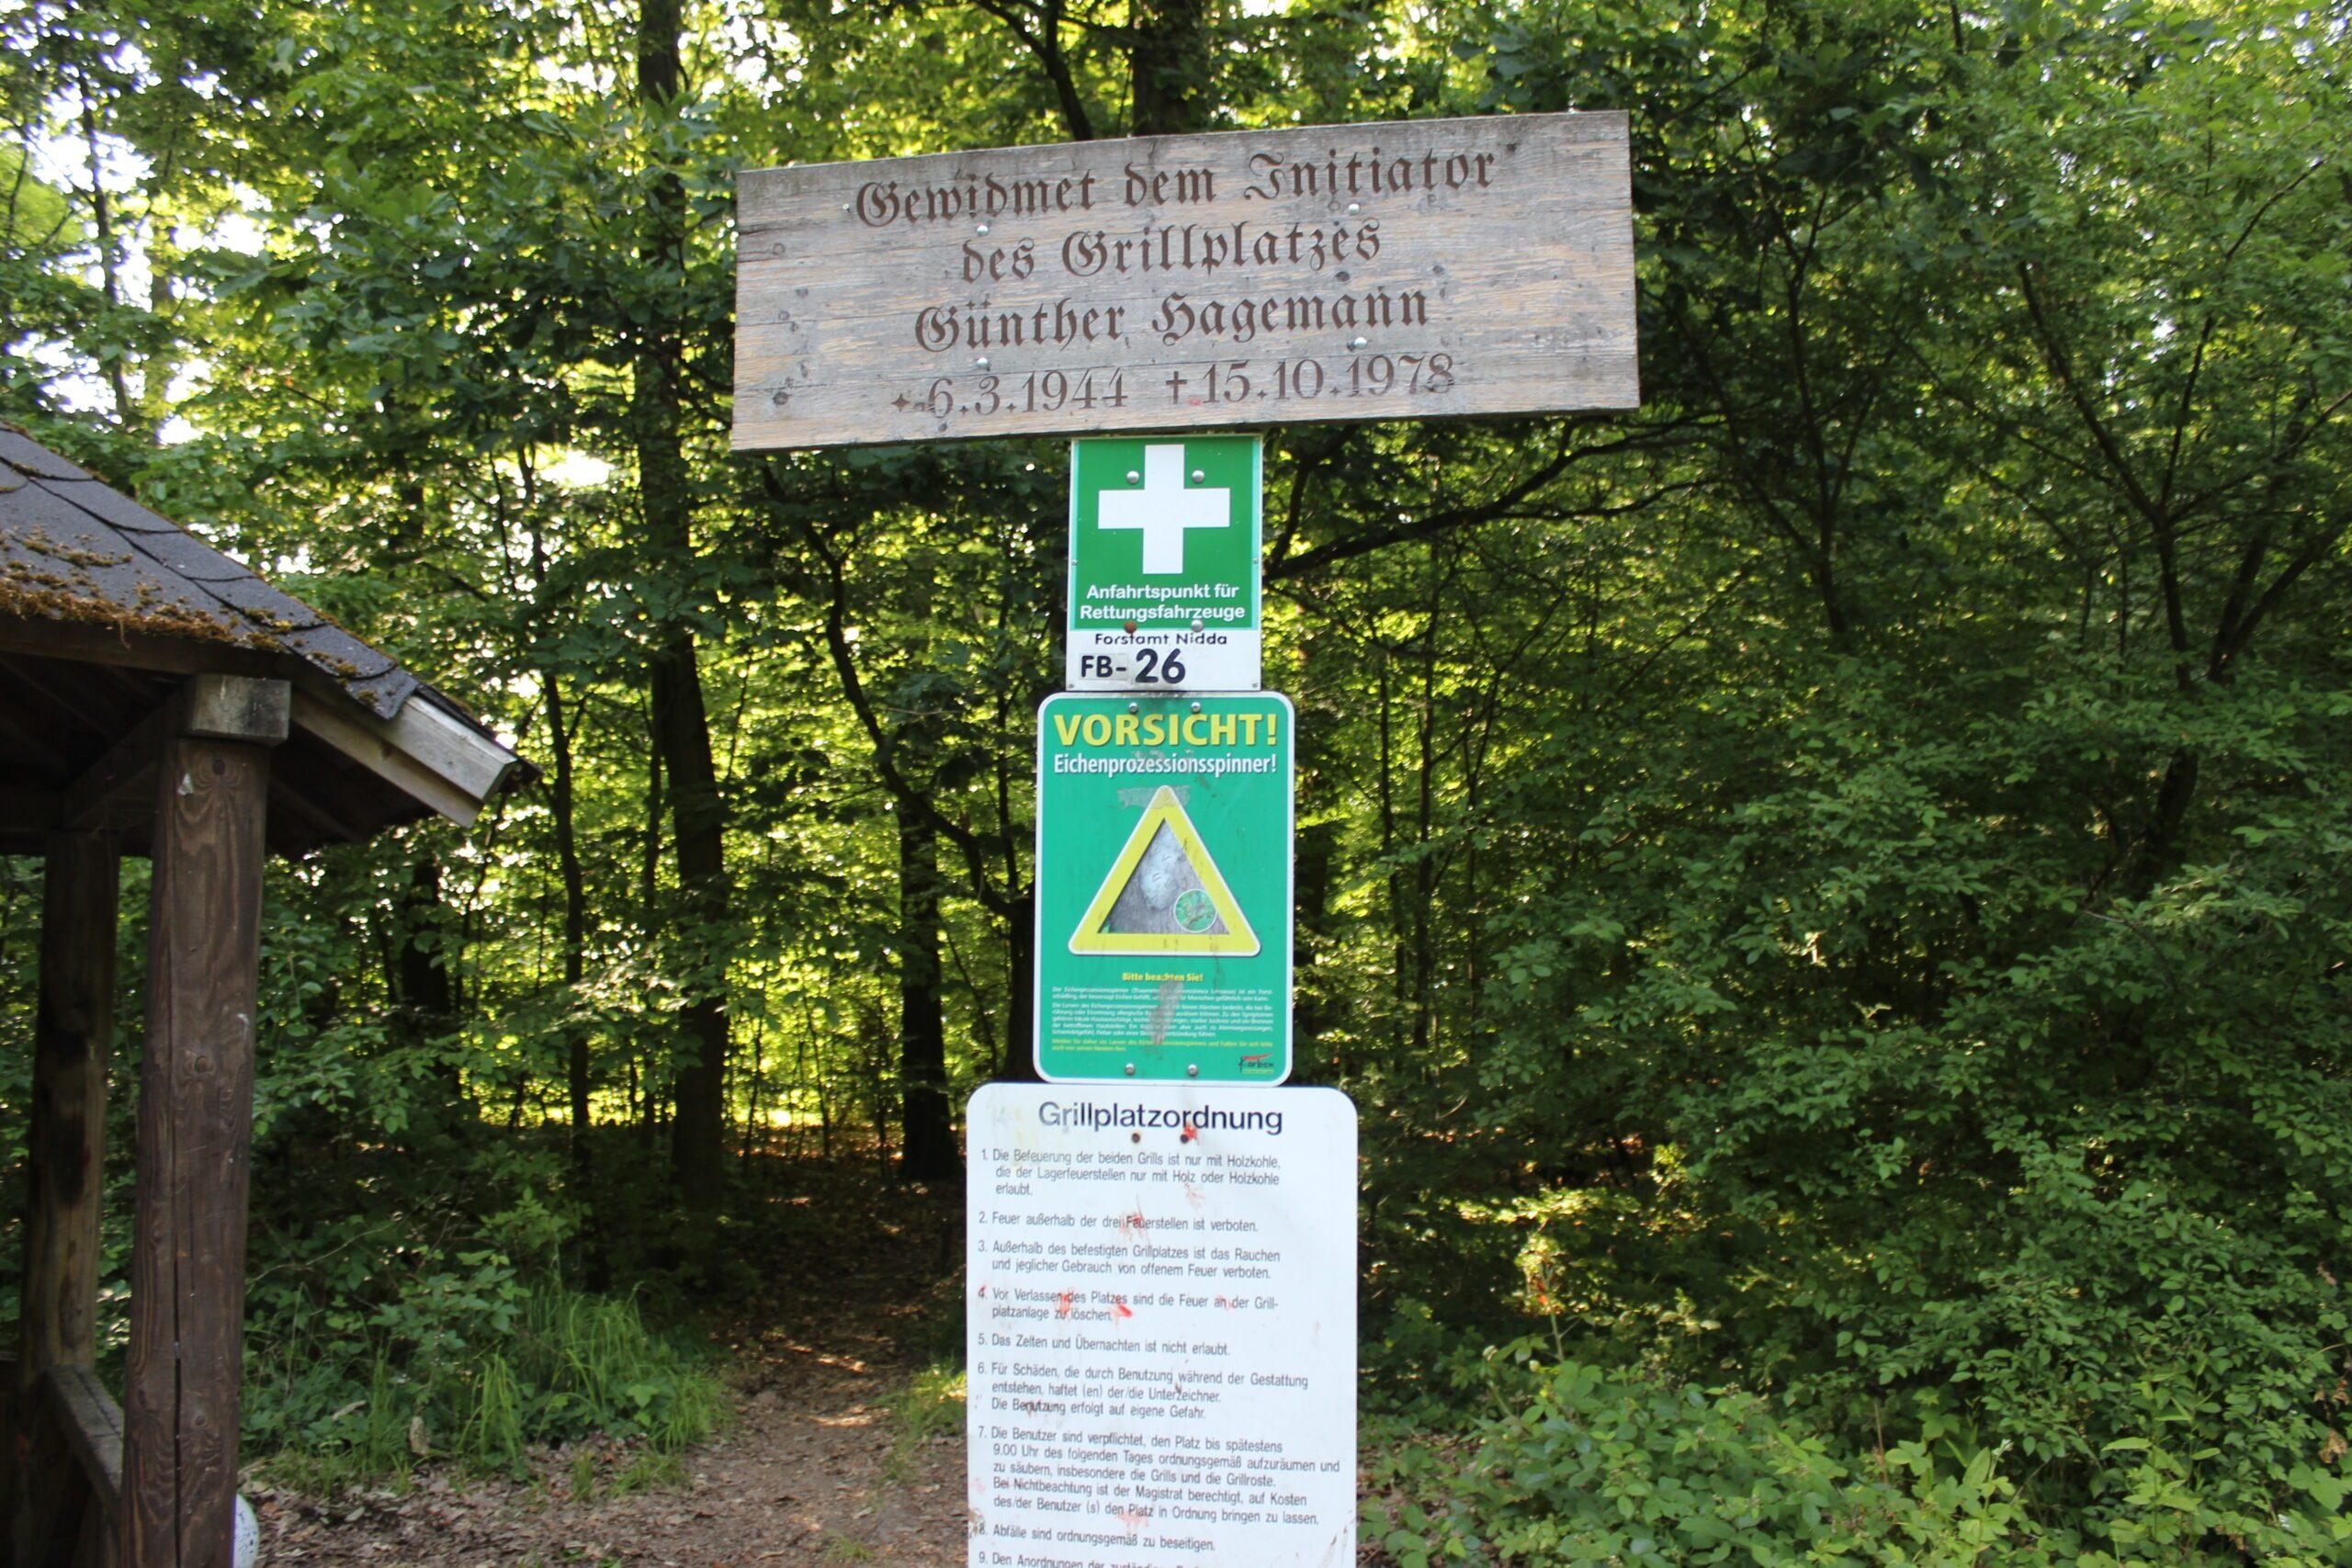 Rettungspunkt FB-26 im Klein-Karbener Wald am Grillplatz